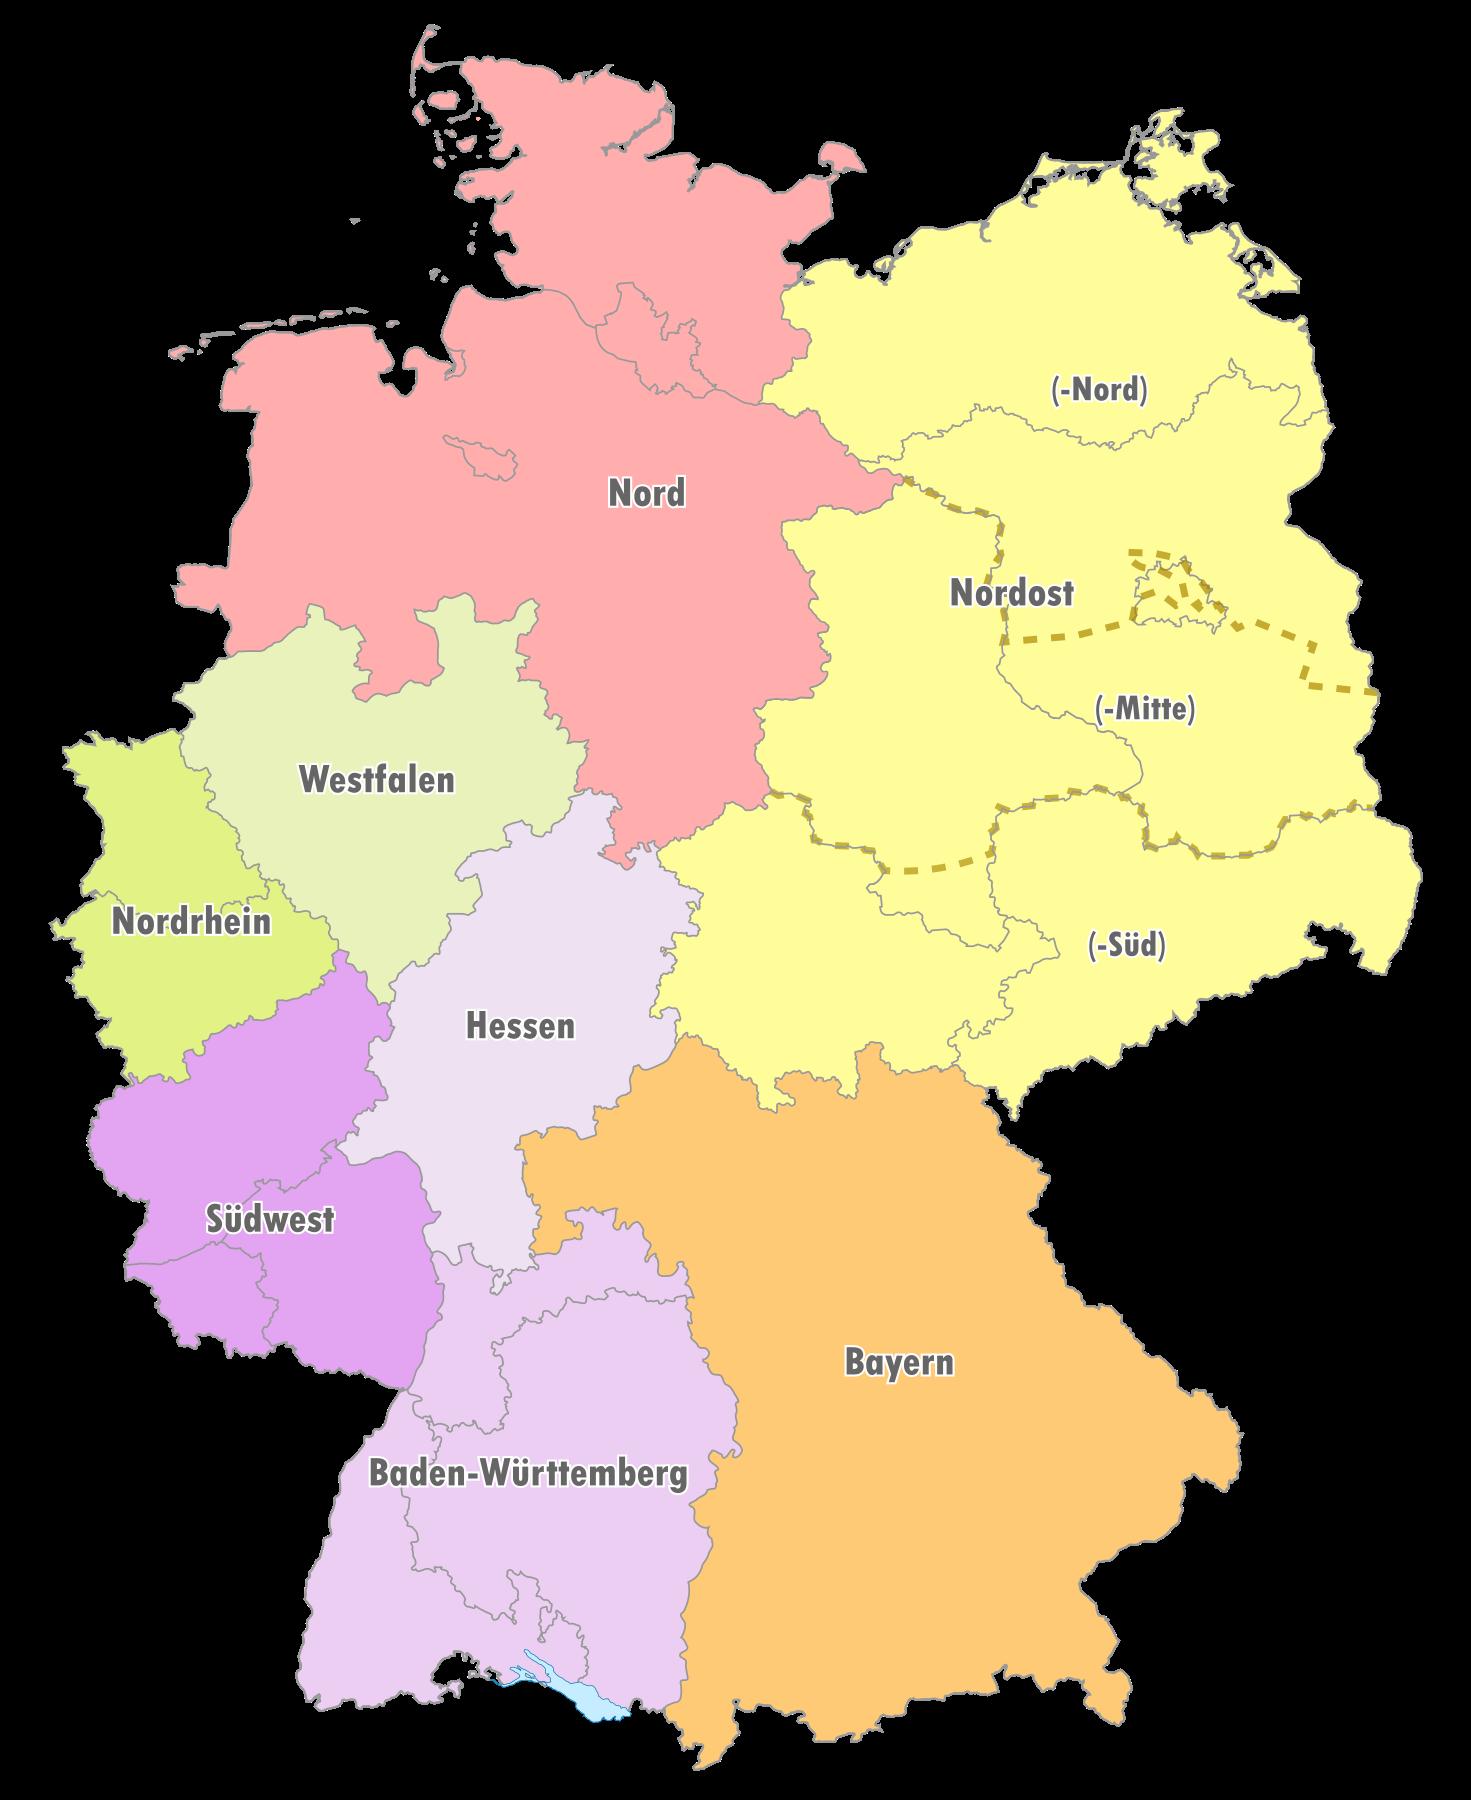 Geografische Einteilung der Oberligen zur Saison 1991/92